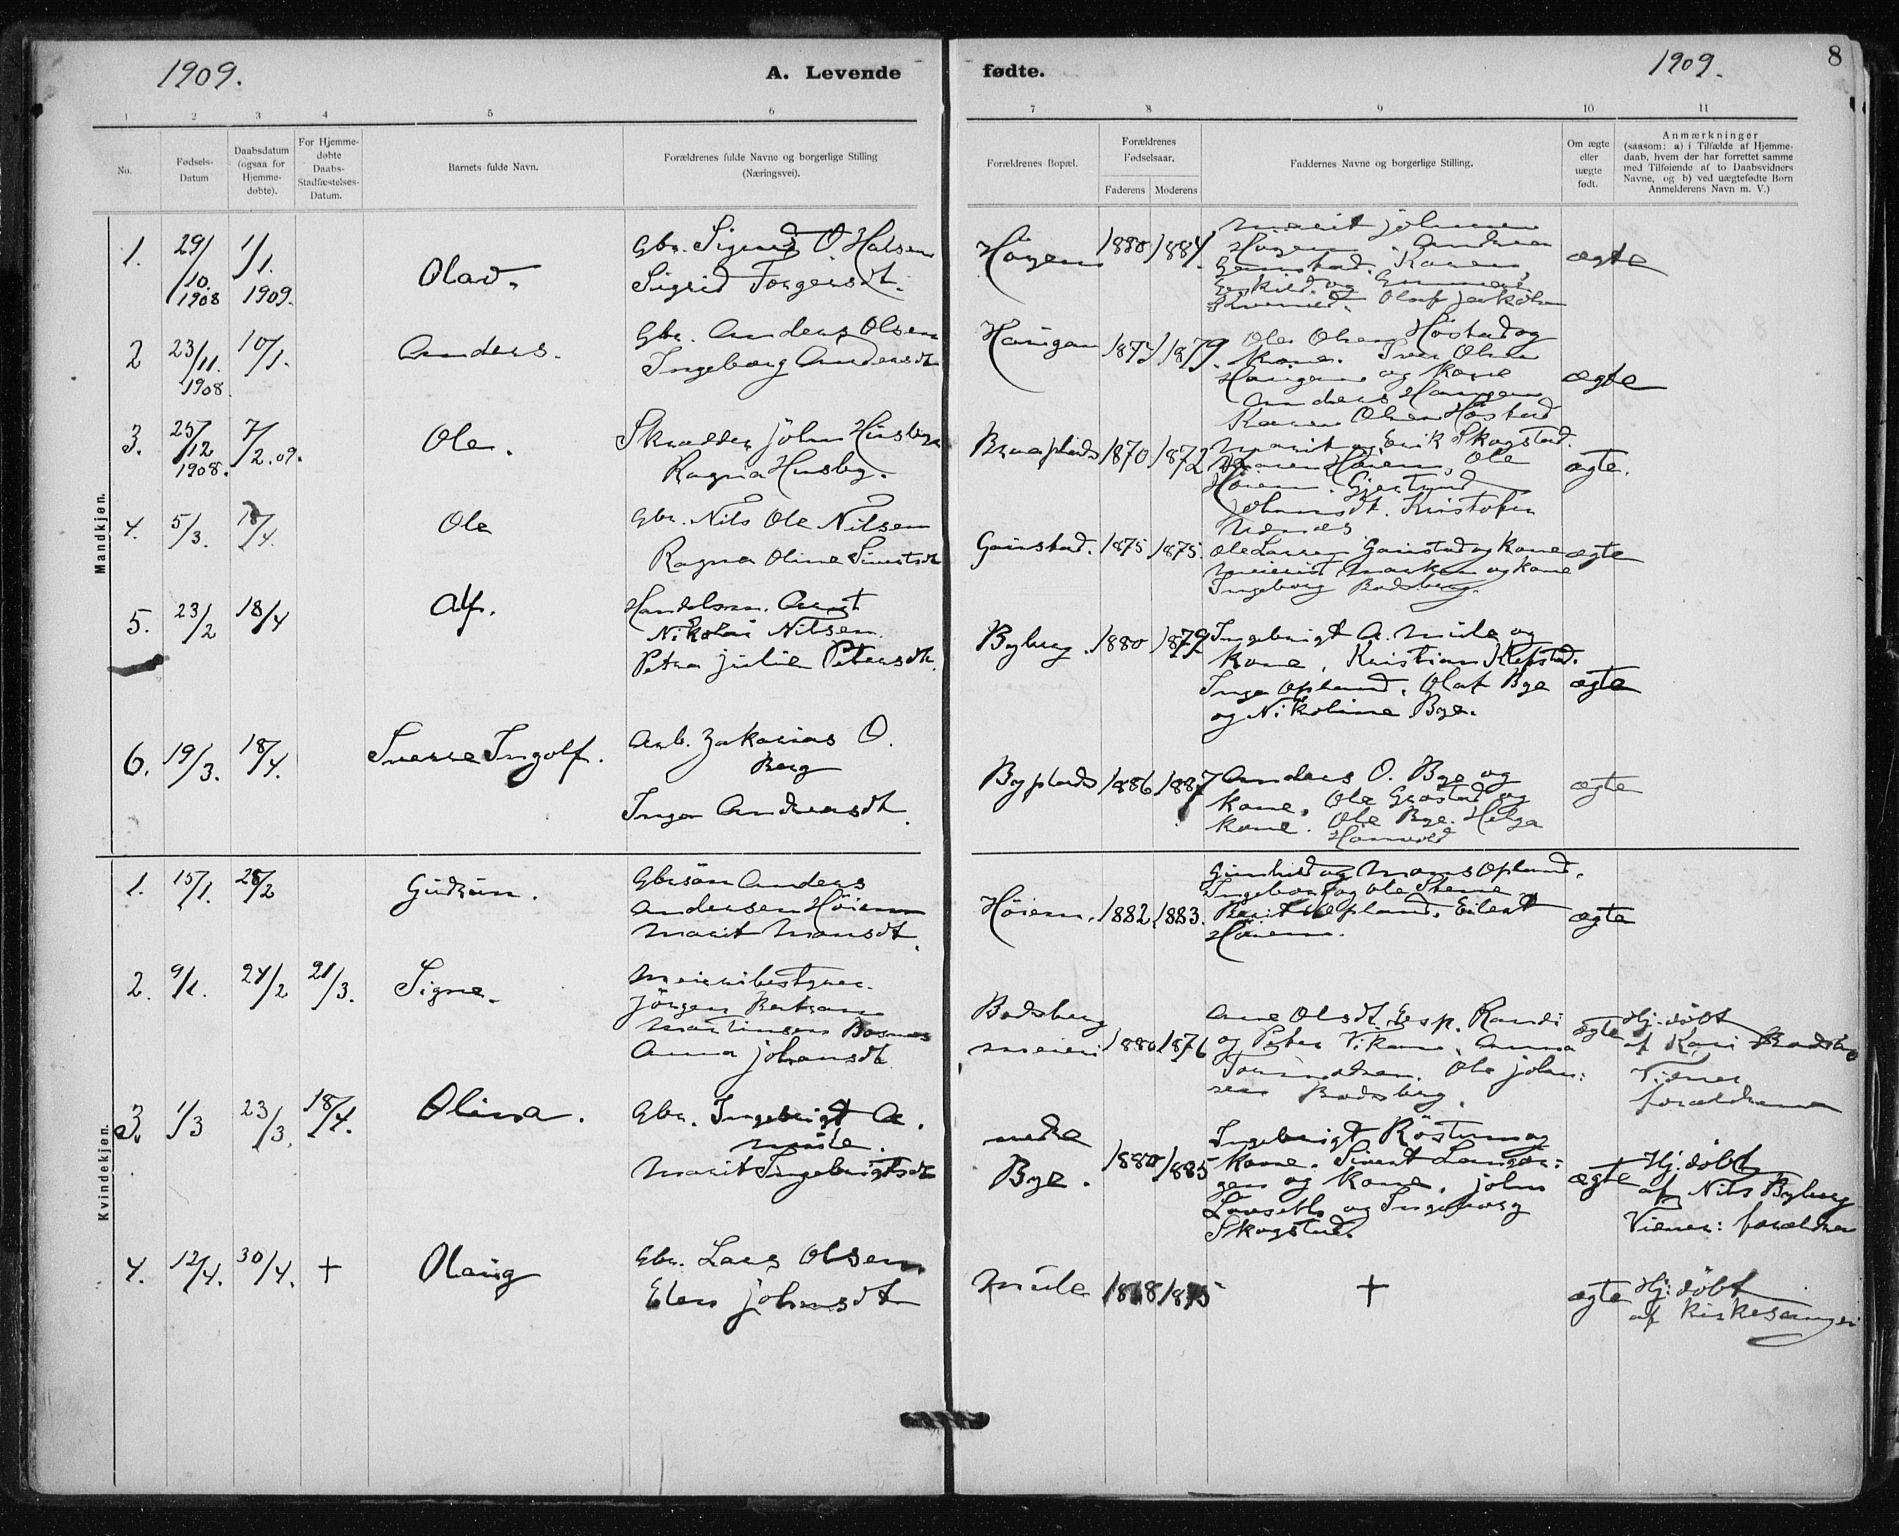 SAT, Ministerialprotokoller, klokkerbøker og fødselsregistre - Sør-Trøndelag, 612/L0381: Ministerialbok nr. 612A13, 1907-1923, s. 8